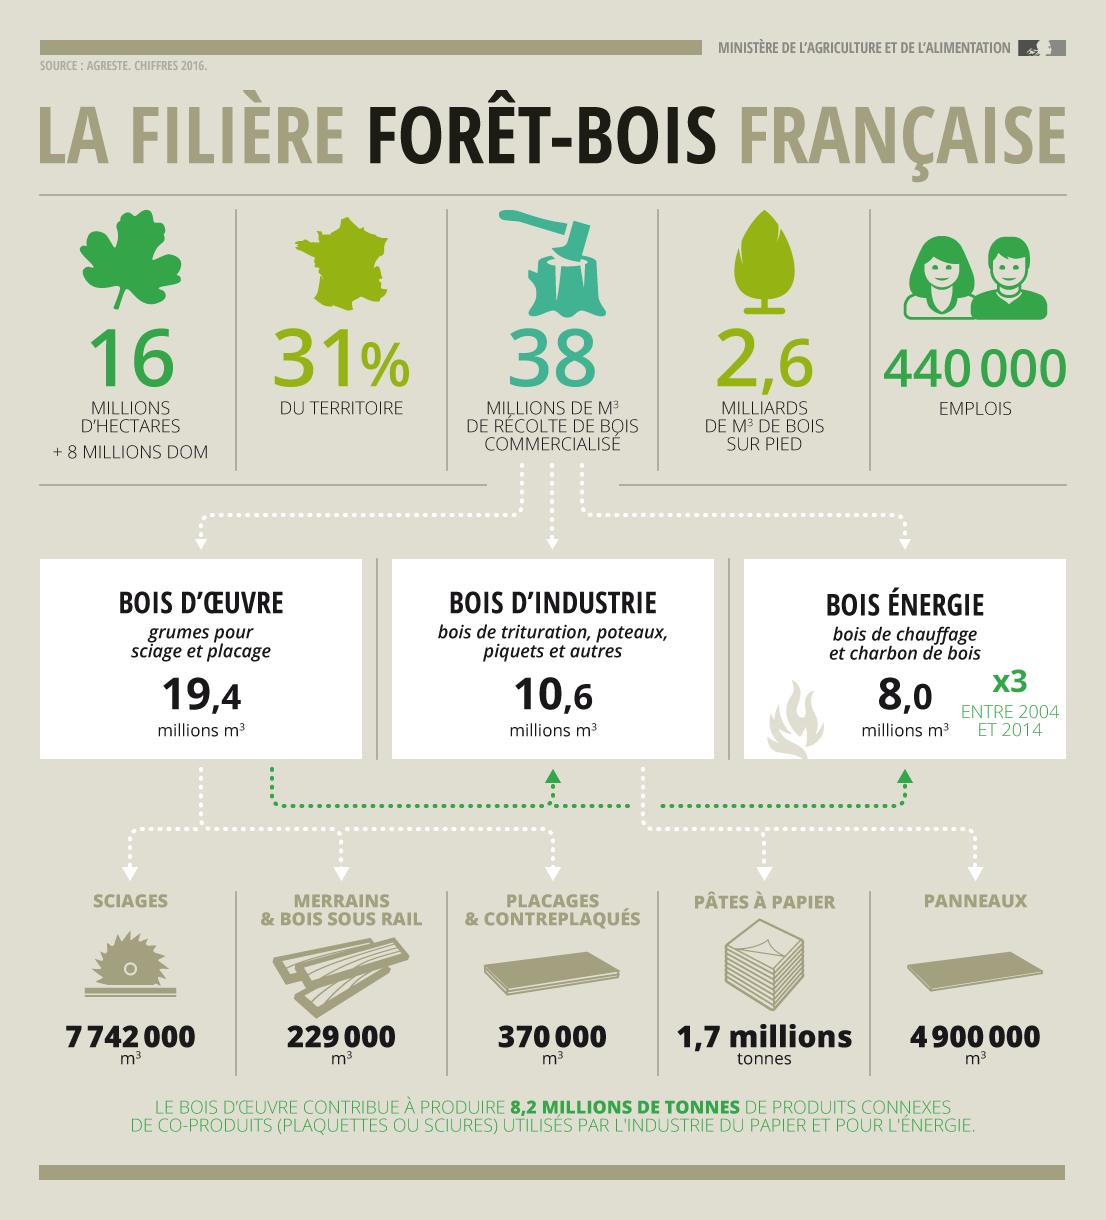 filière forêt-bois en france 2017